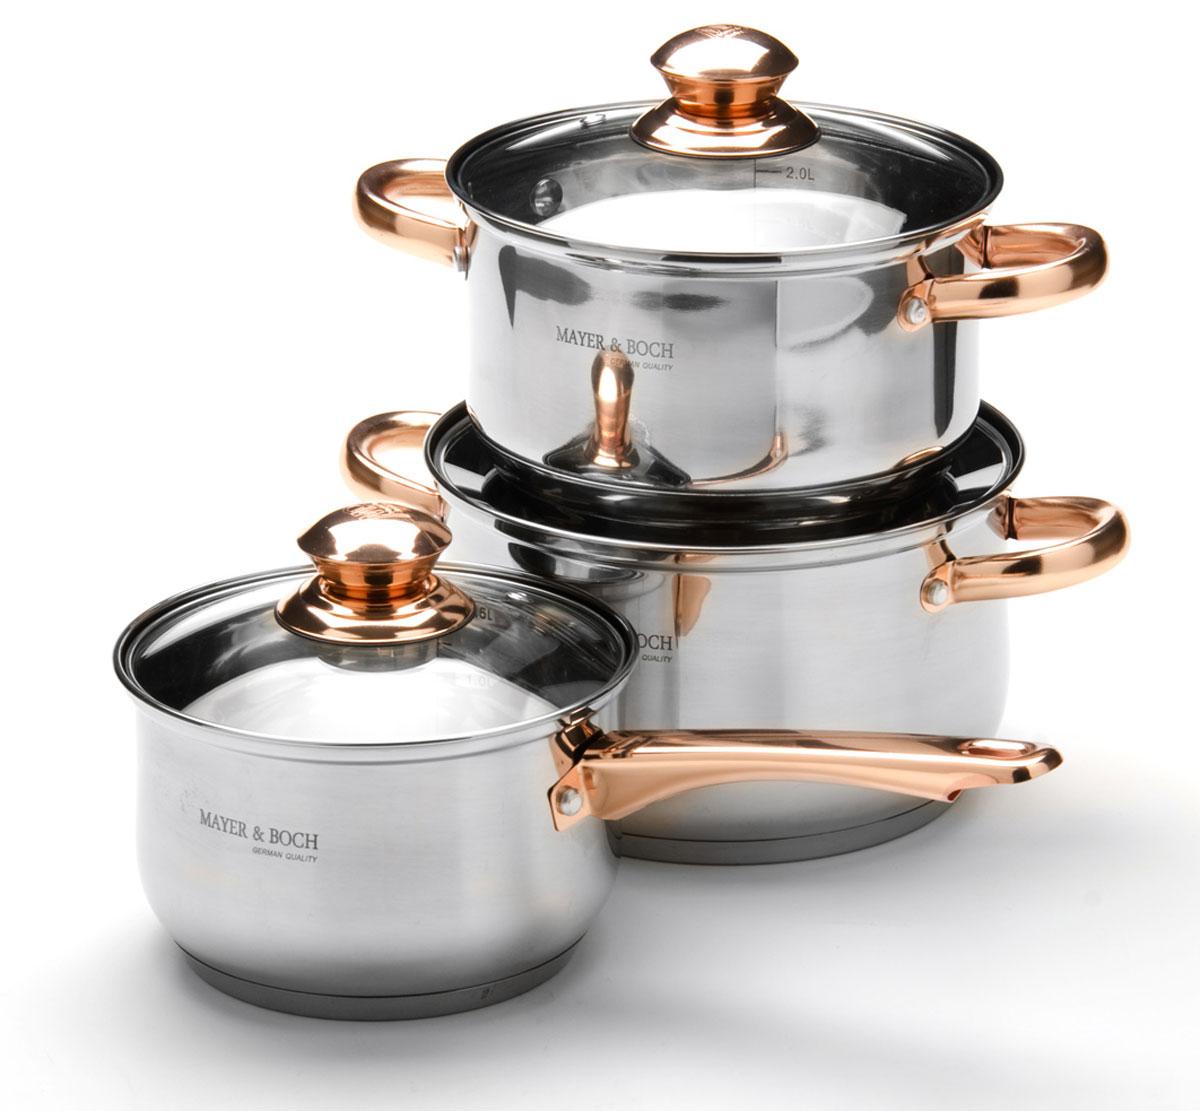 Набор посуды Mayer & Boch, 6 предметов. 25666256662,1+2,9+3,9